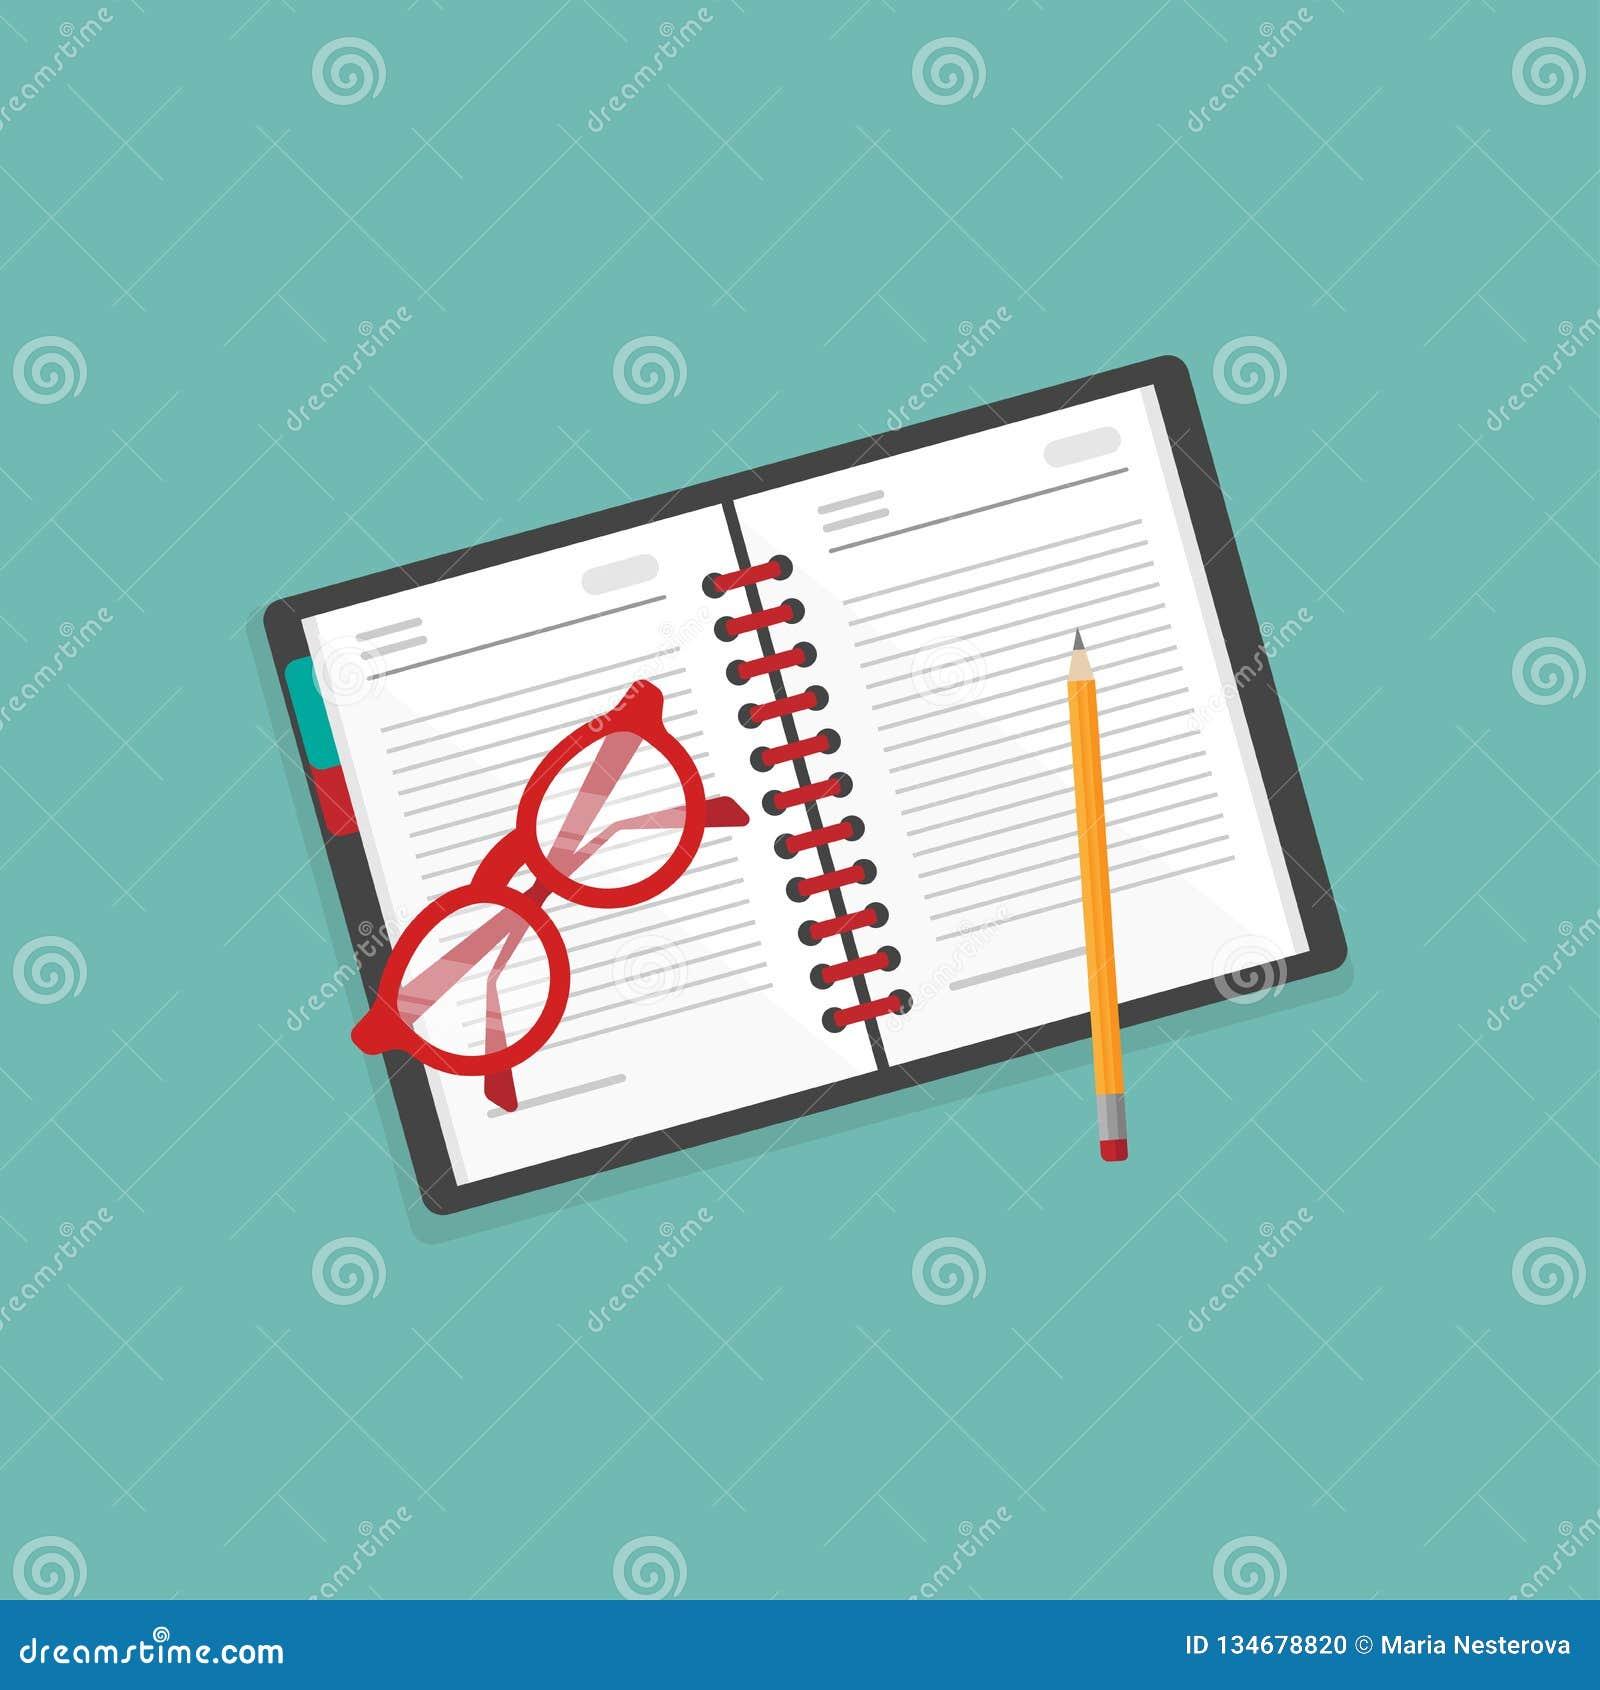 创造性的作家工作场所象 笔记本、红色玻璃和铅笔在蓝色背景 撰稿人生活习俗